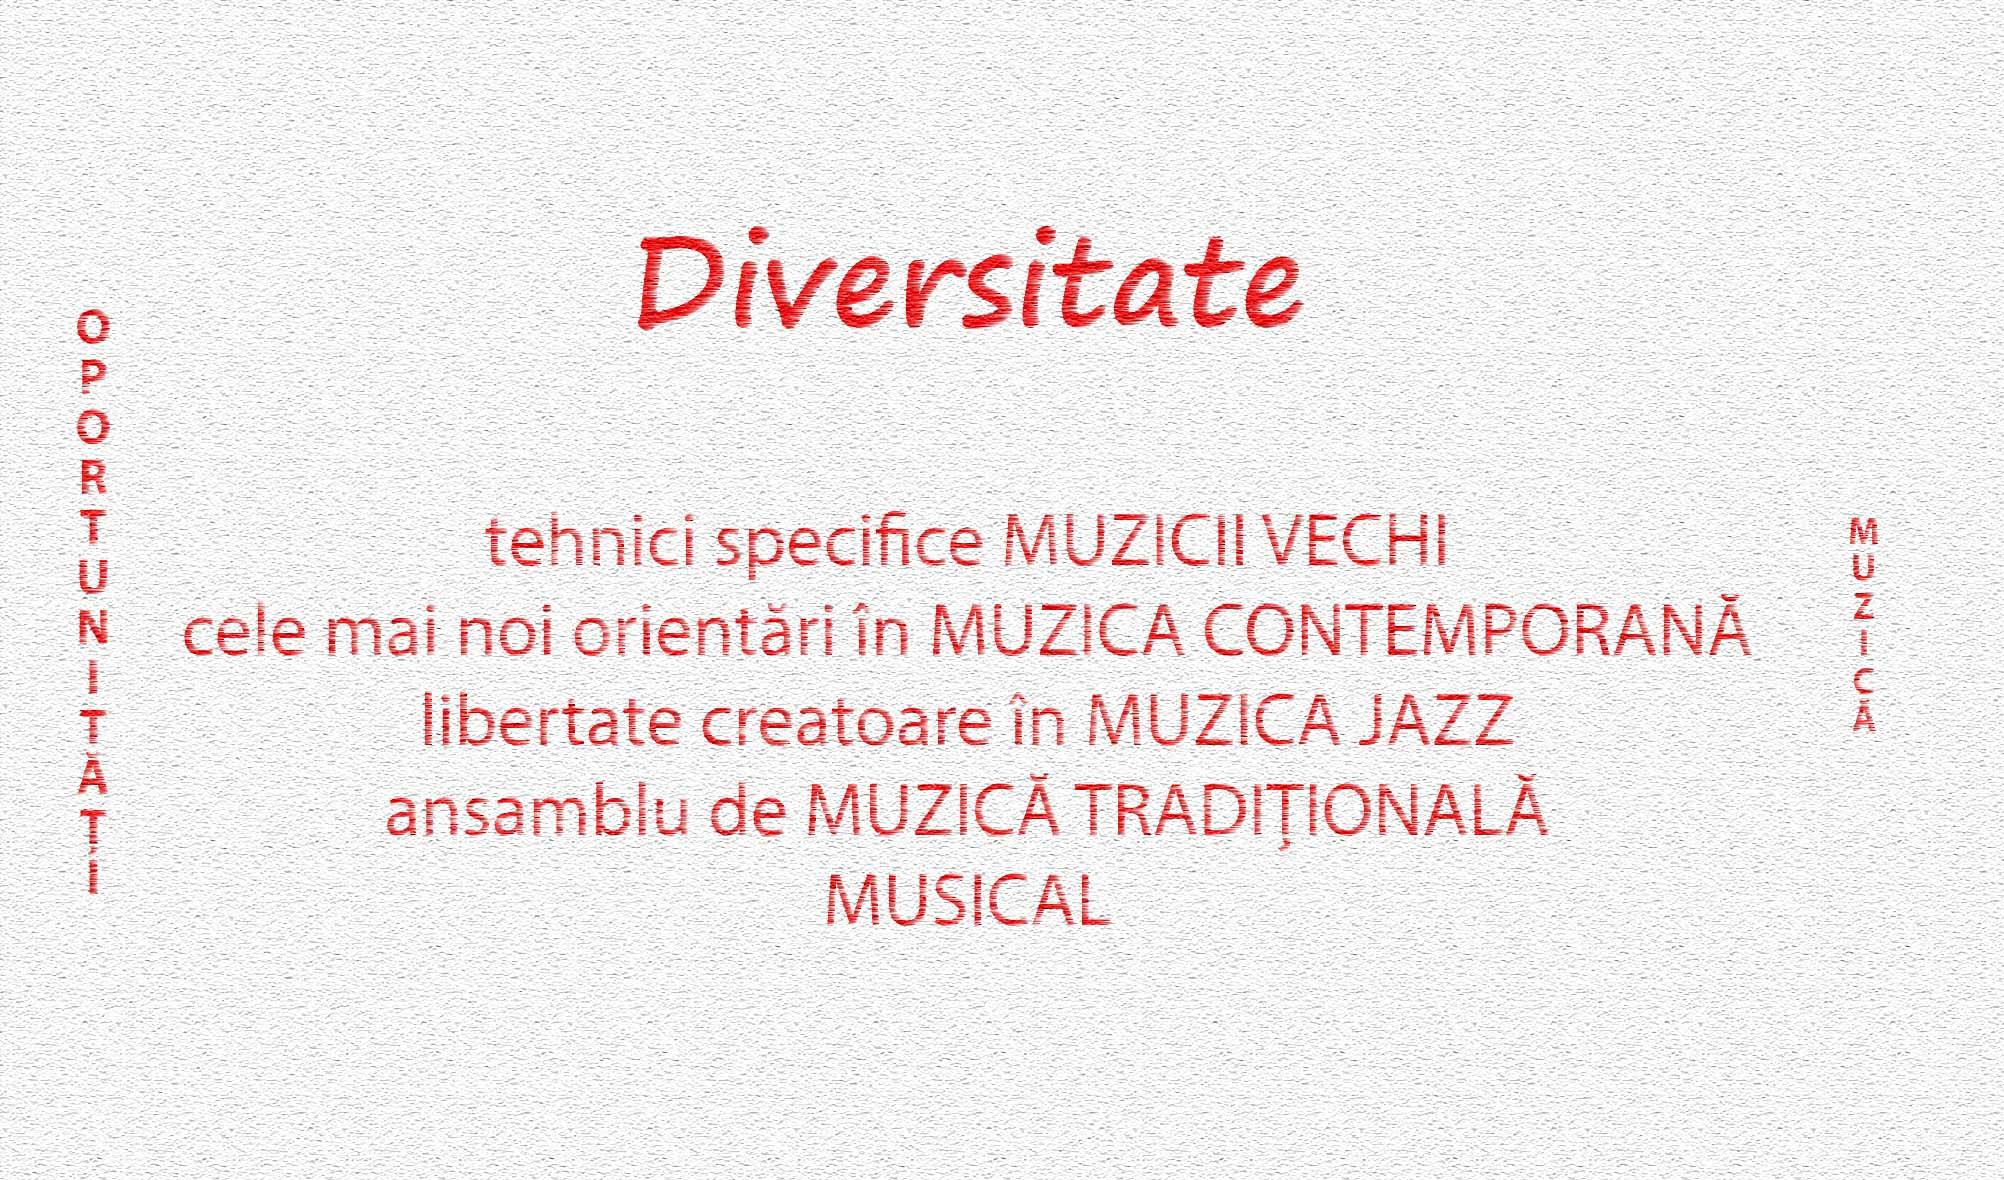 Diversitate-1